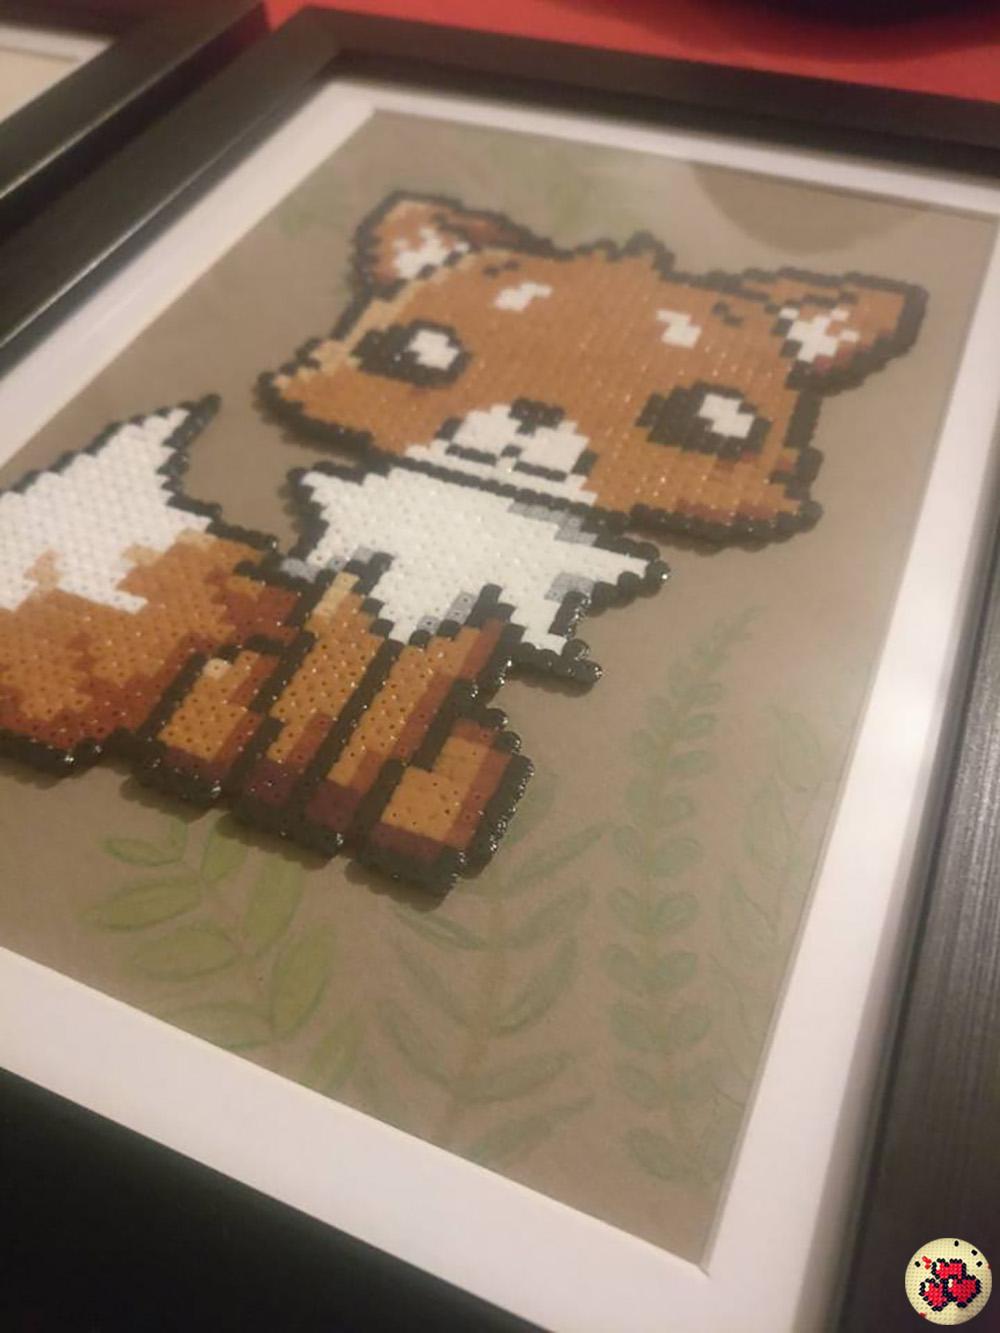 renard-dragon-3-pixelart-pixelcraft-pixelbeads-perlerbeads-perlerart-hama-hamabeads-hamasprites-artkal-artkalbeads-fusebeads-retro-gaming-sprite-design-tutoriel-pattern